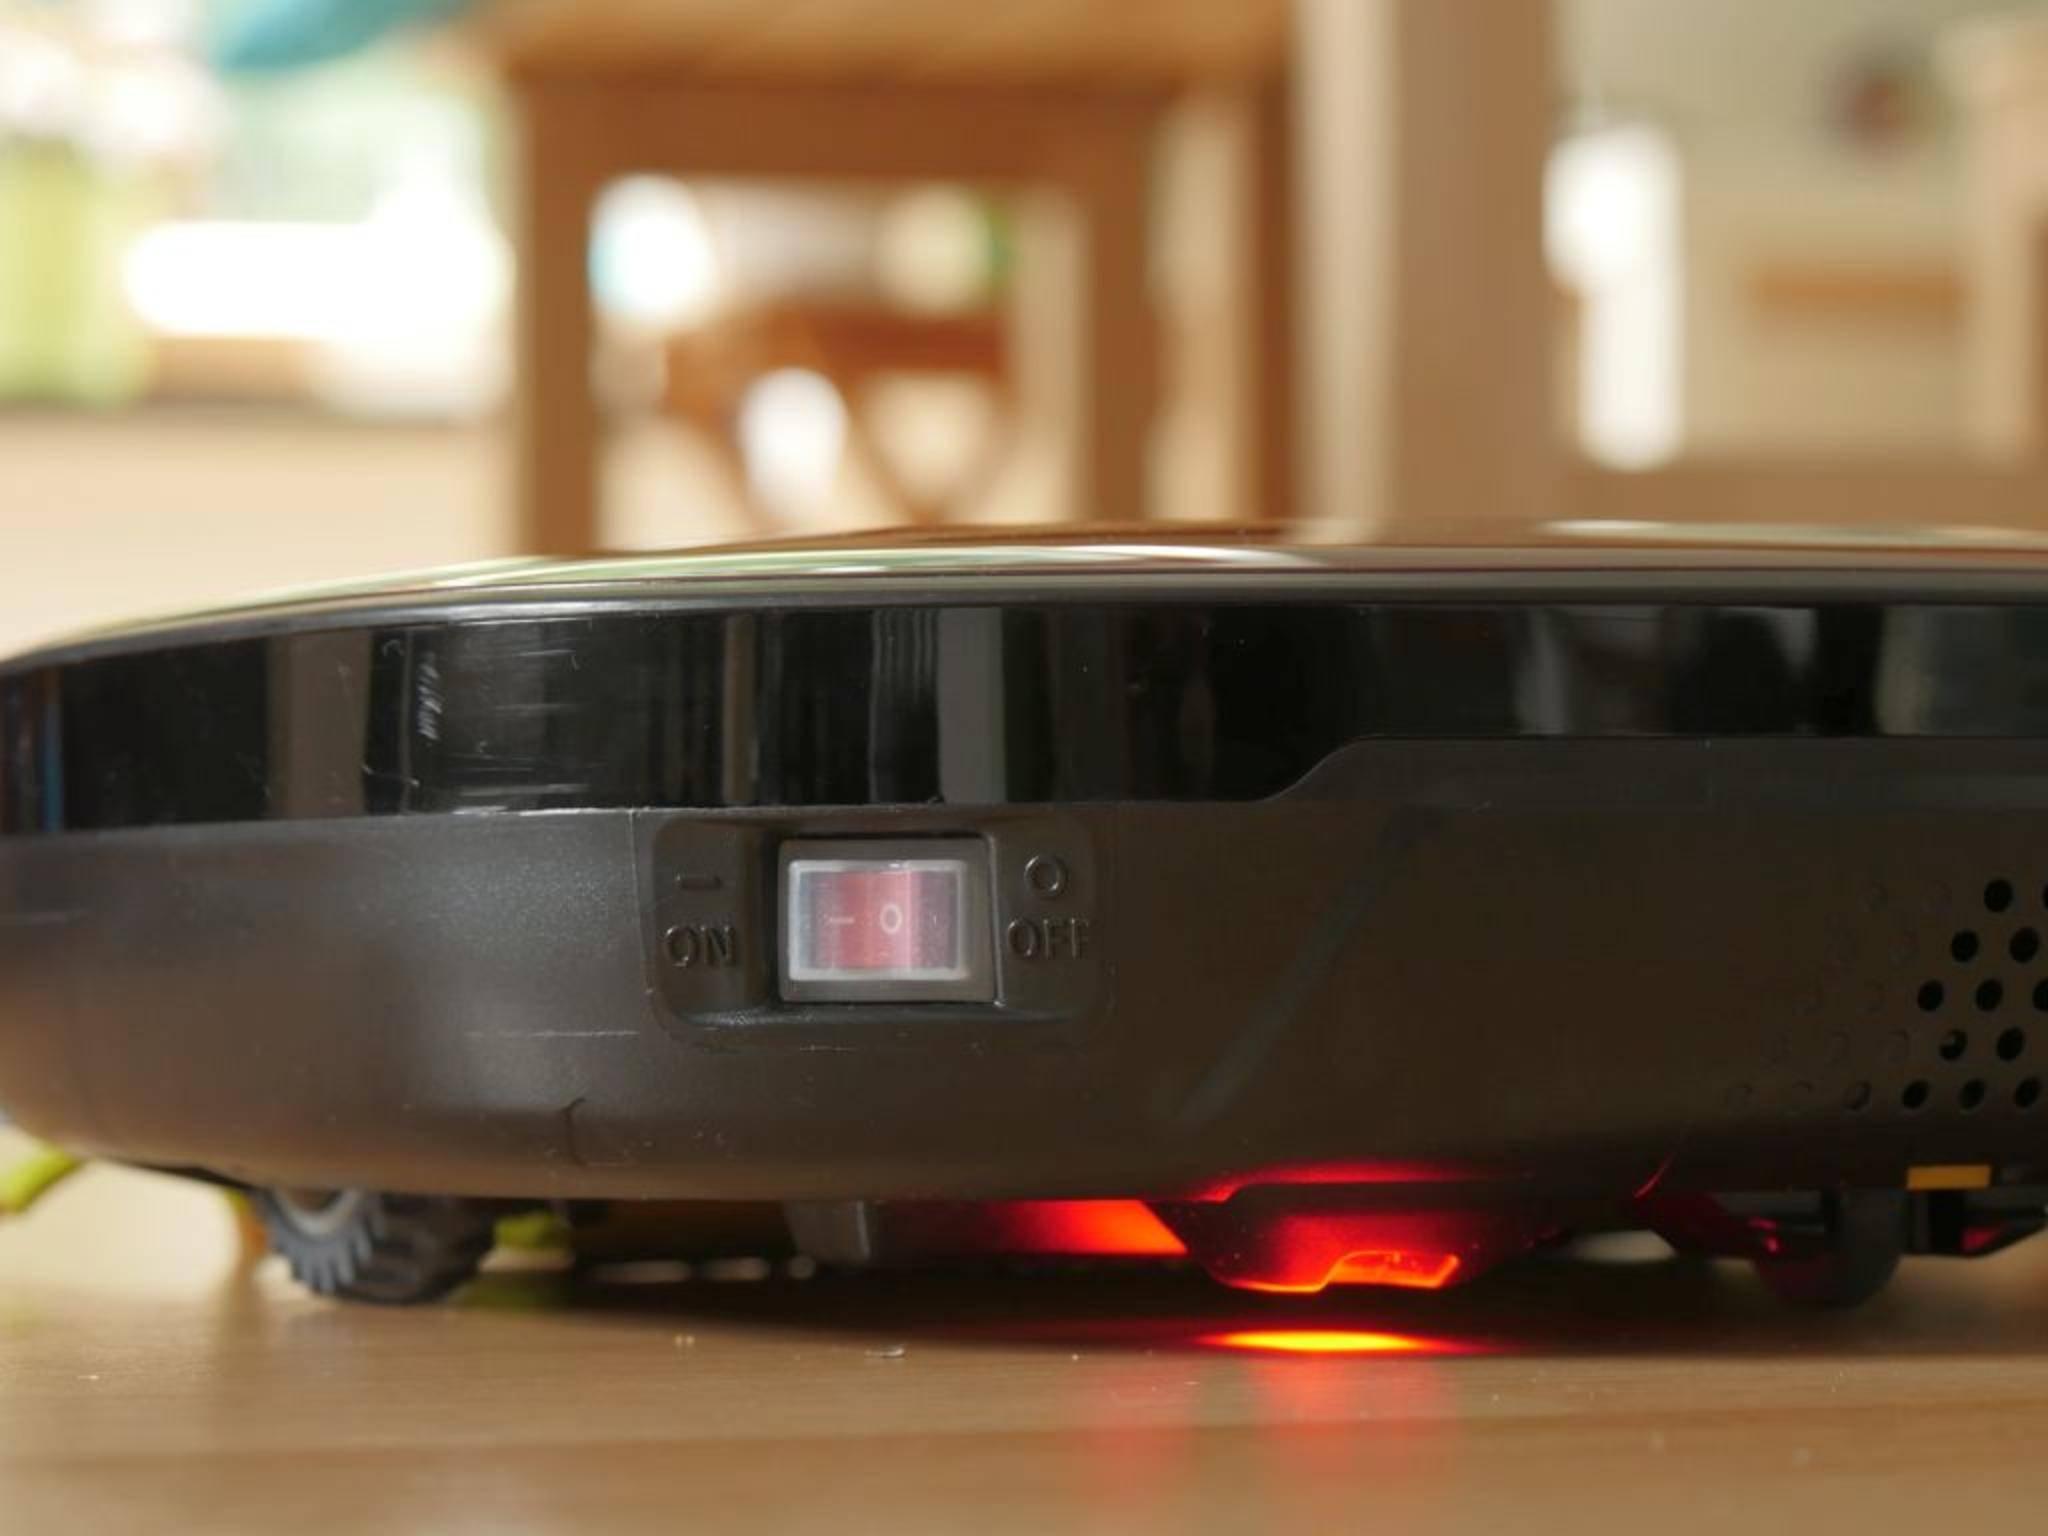 Eingeschaltet werden Station und Roboter separat.